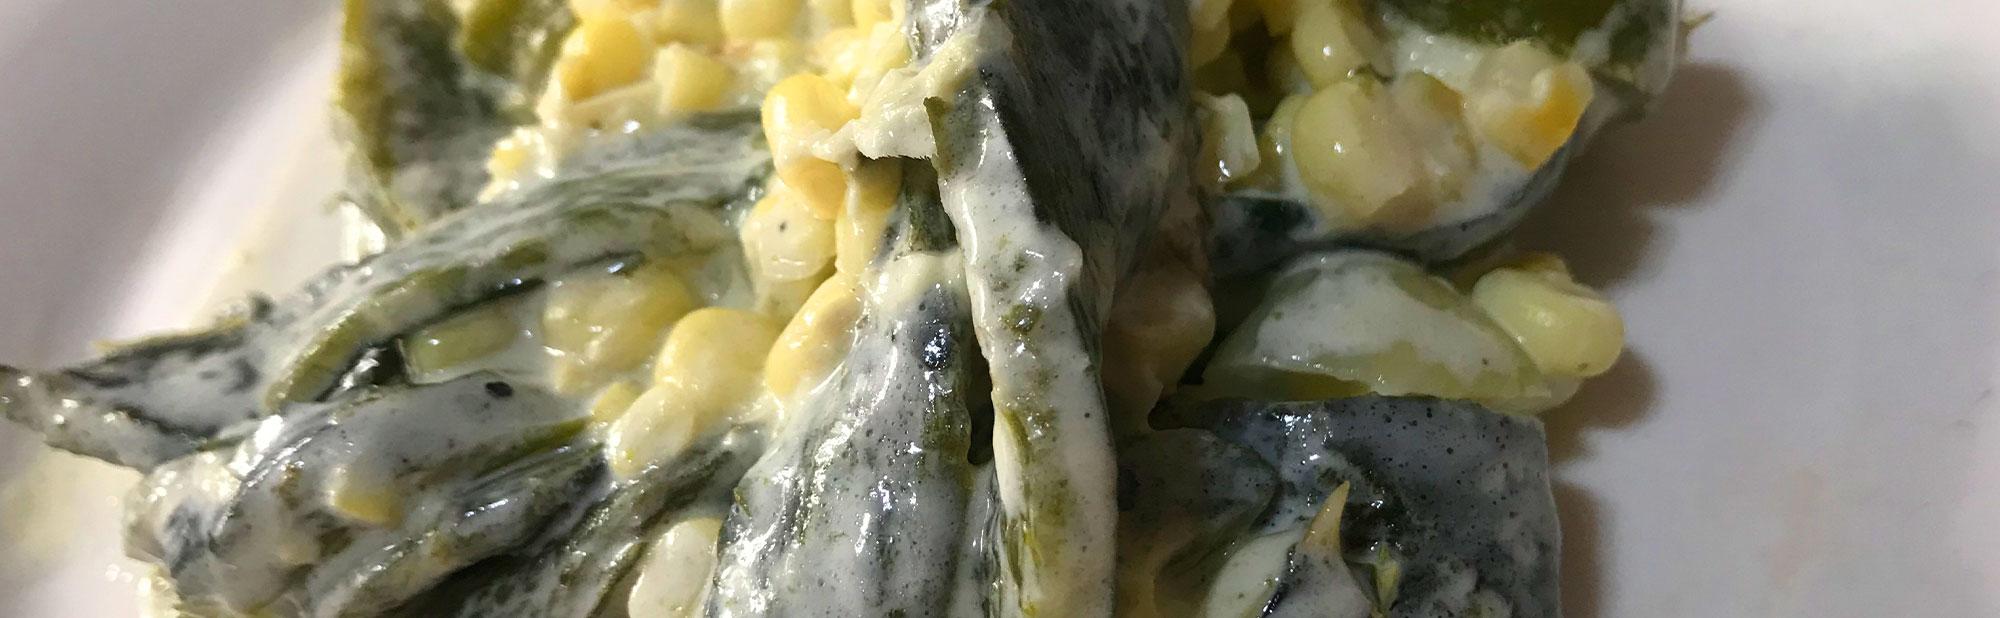 La Antojadera | Rajas con Elote y Crema